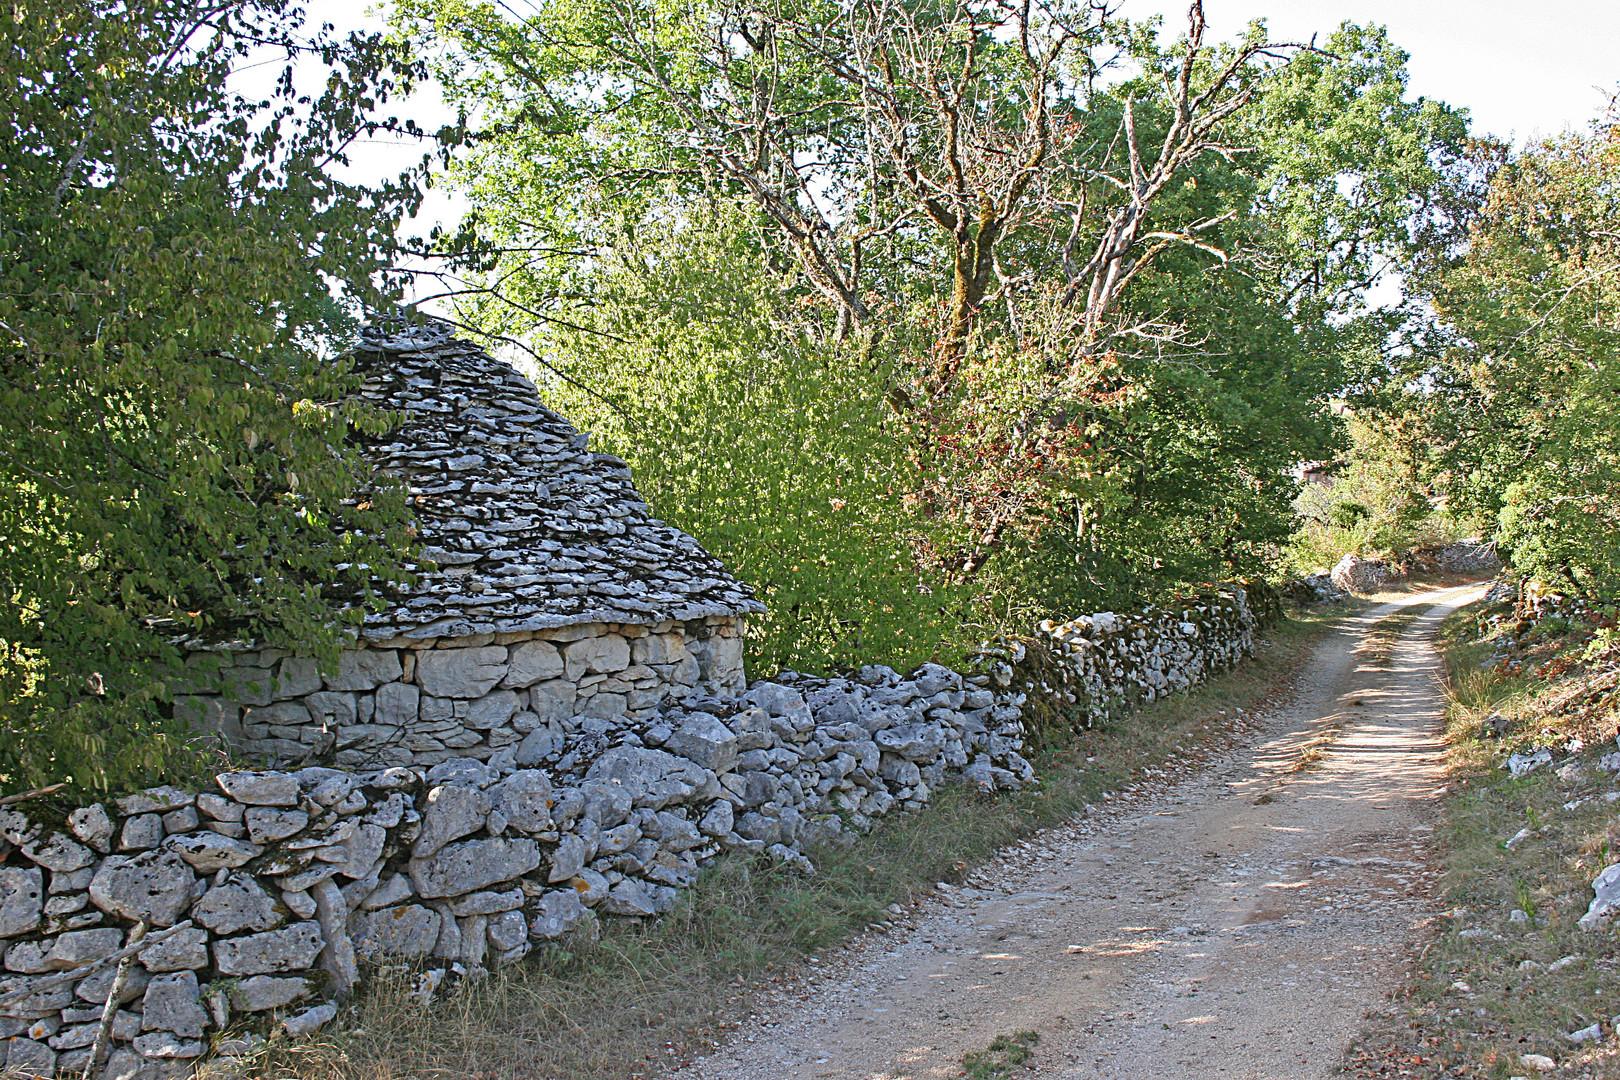 cazelle et mur de pierres, Lot